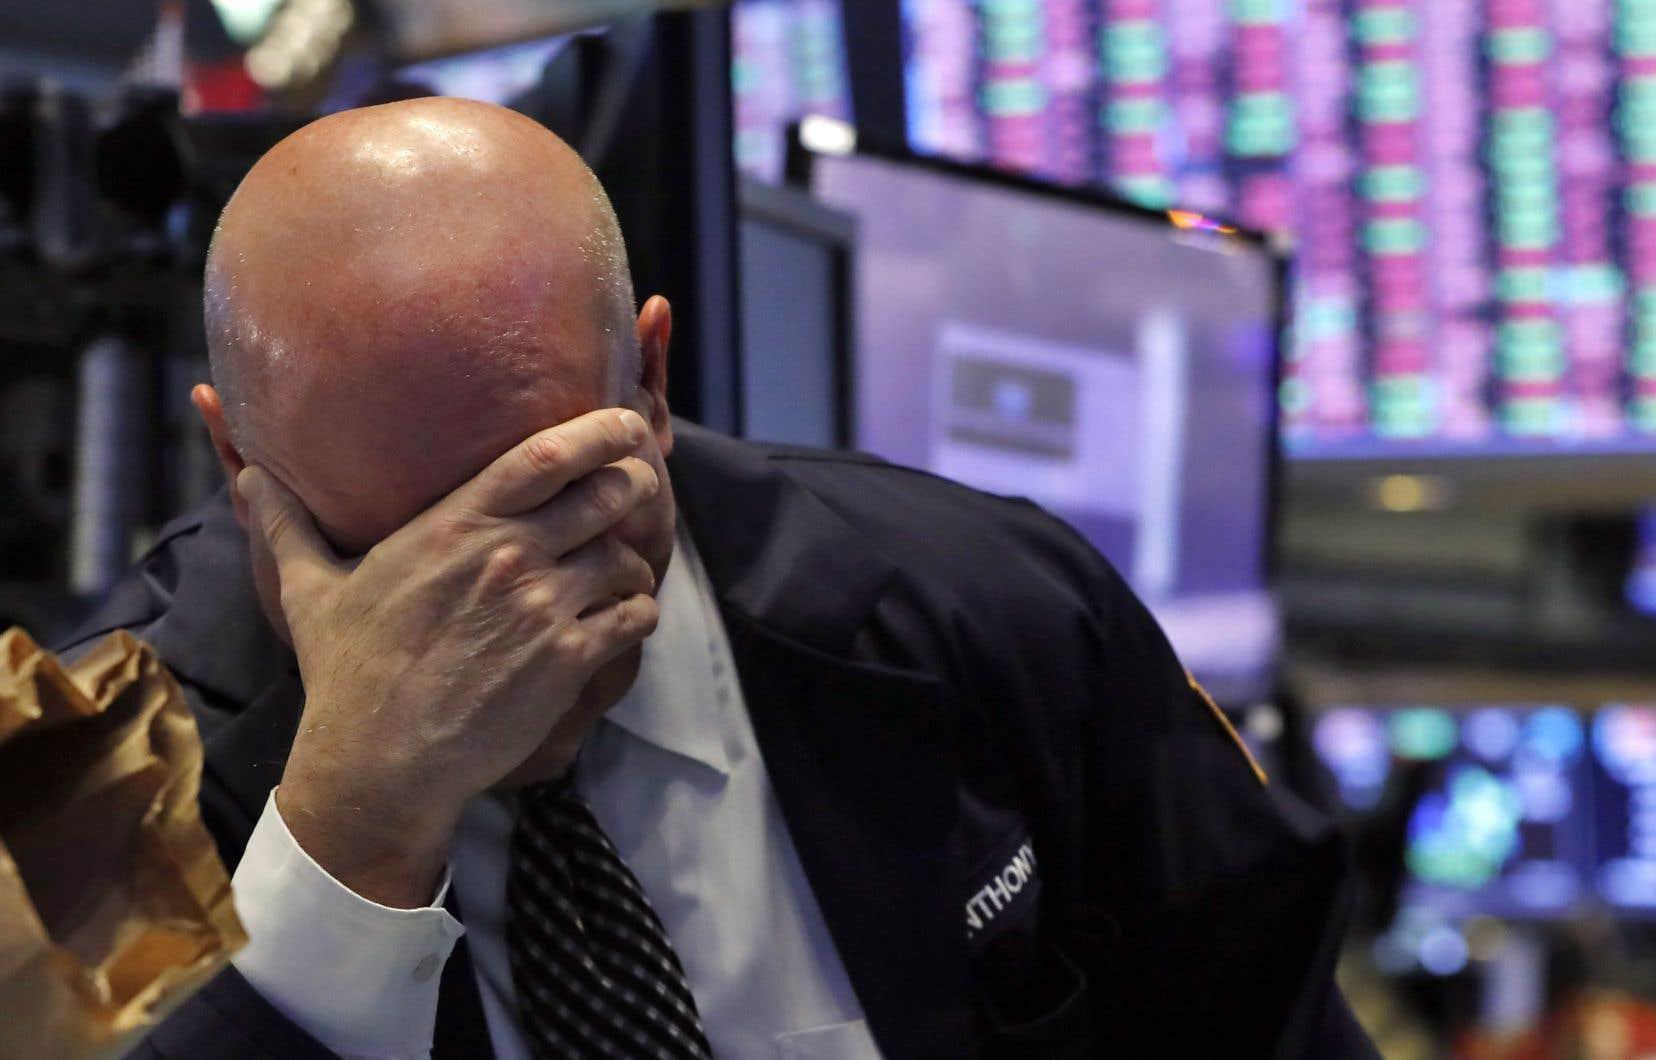 À Wall Street, le Dow Jones a encaissé sa plus forte dégringolade depuis le krach boursier de 1987.